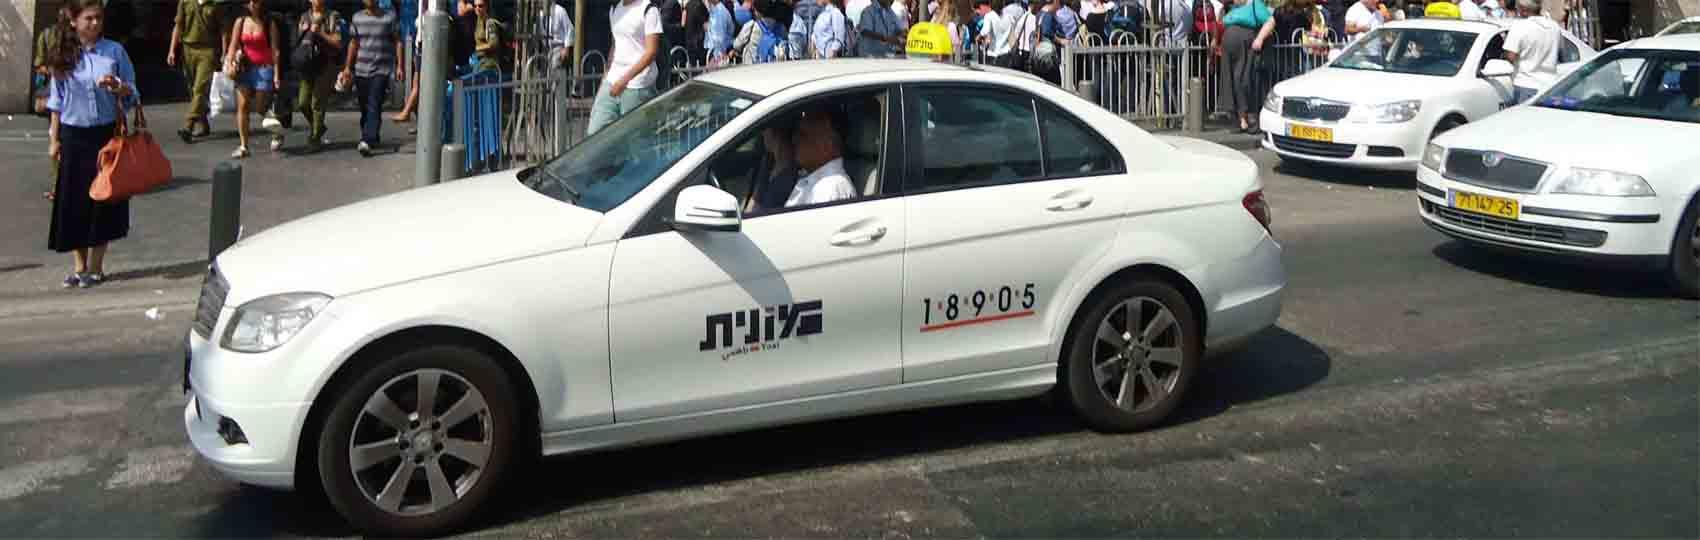 Noticias del sector del taxi y la movilidad en Israel. Mantente informado de todas las noticias del taxi de Israel en el grupo de Facebook de Todo Taxi.